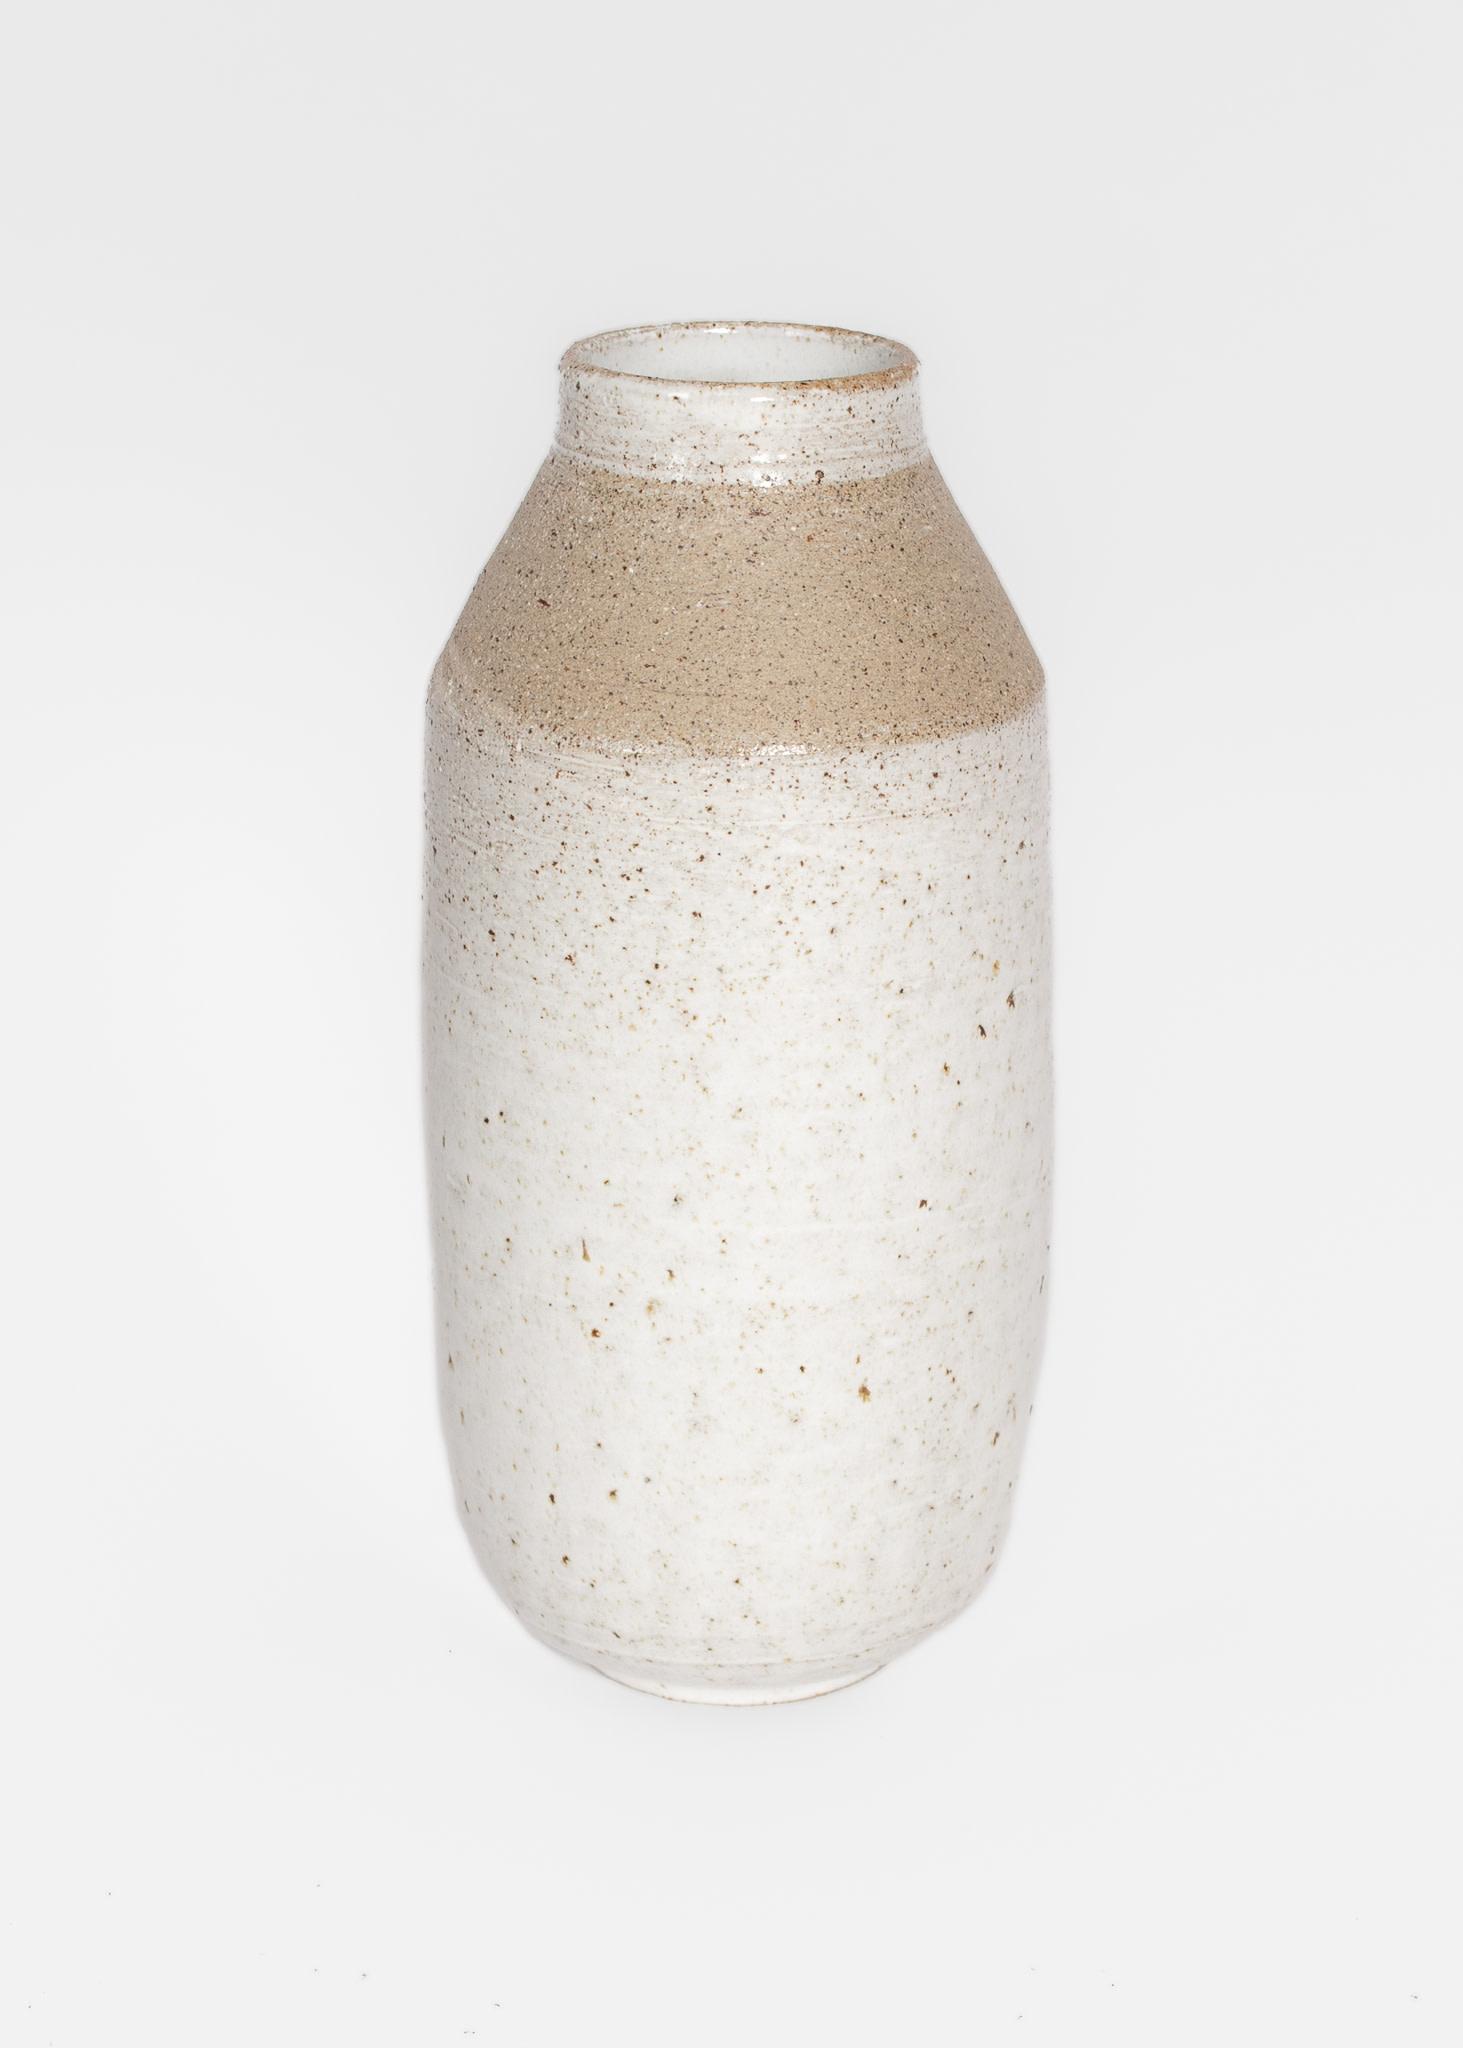 Tasjap Small tall vase in white glaze